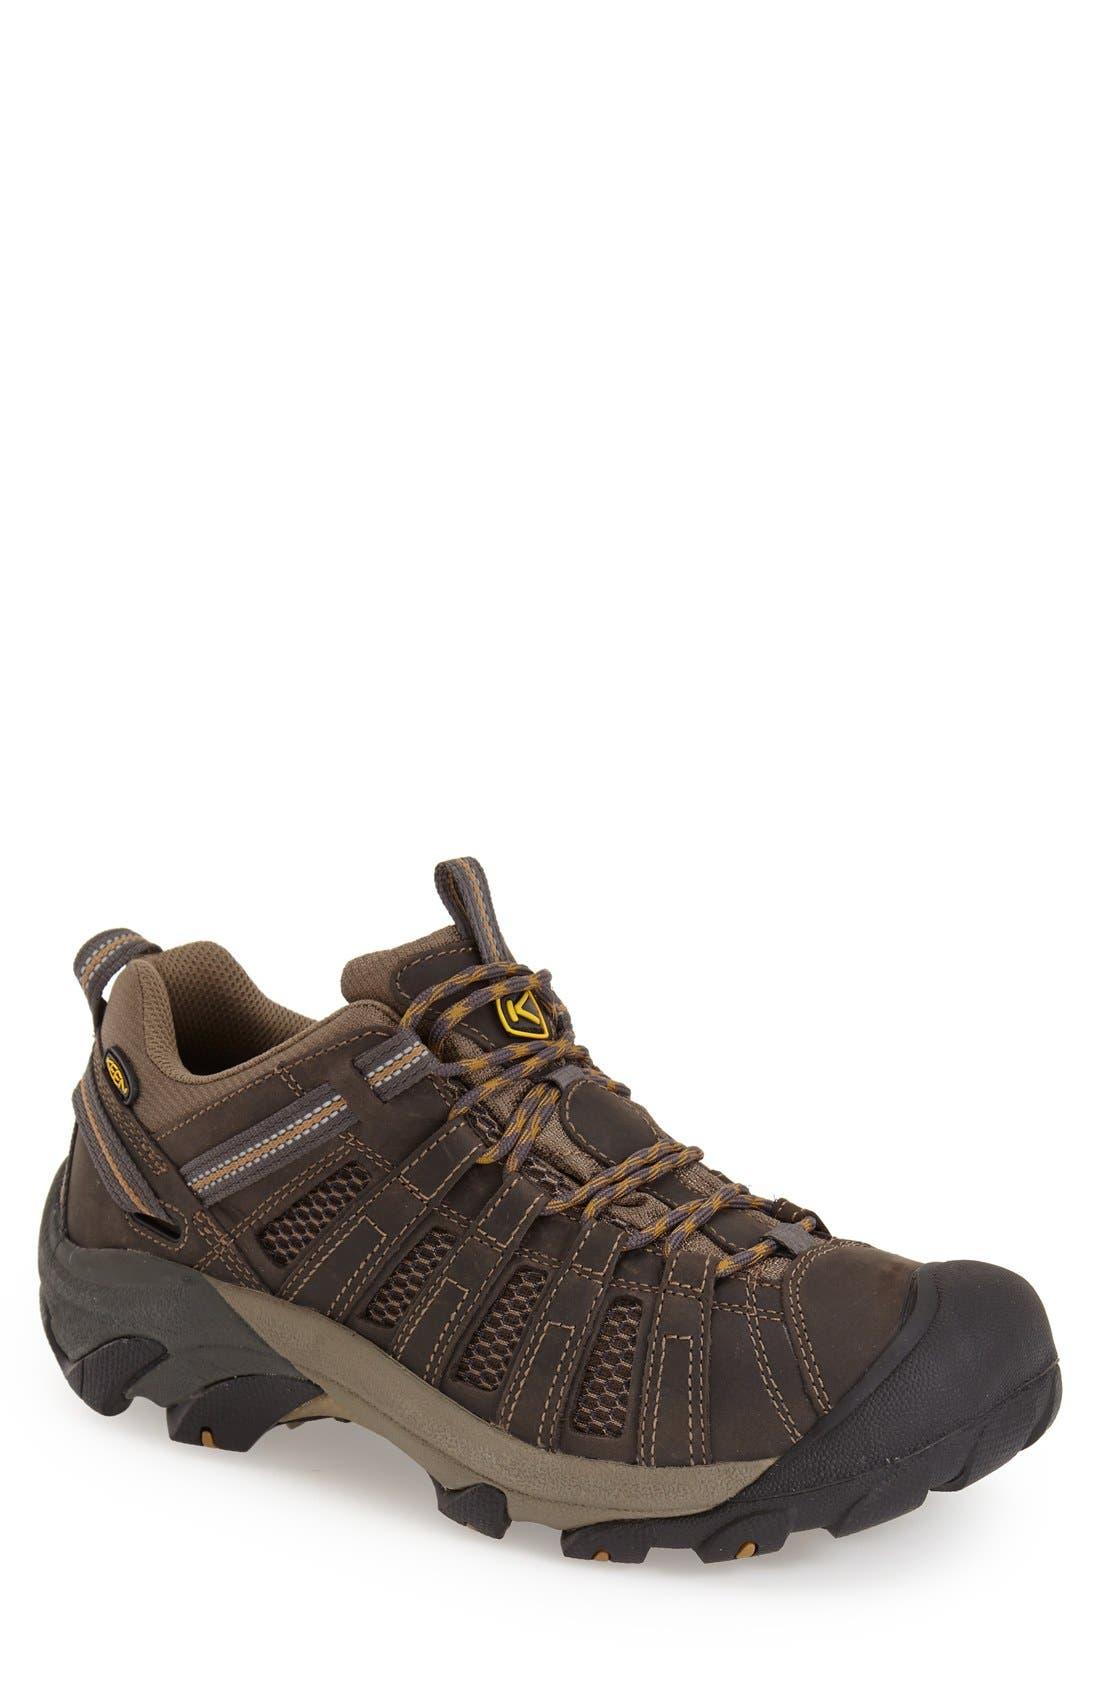 'Voyageur' Hiking Shoe,                             Main thumbnail 1, color,                             011